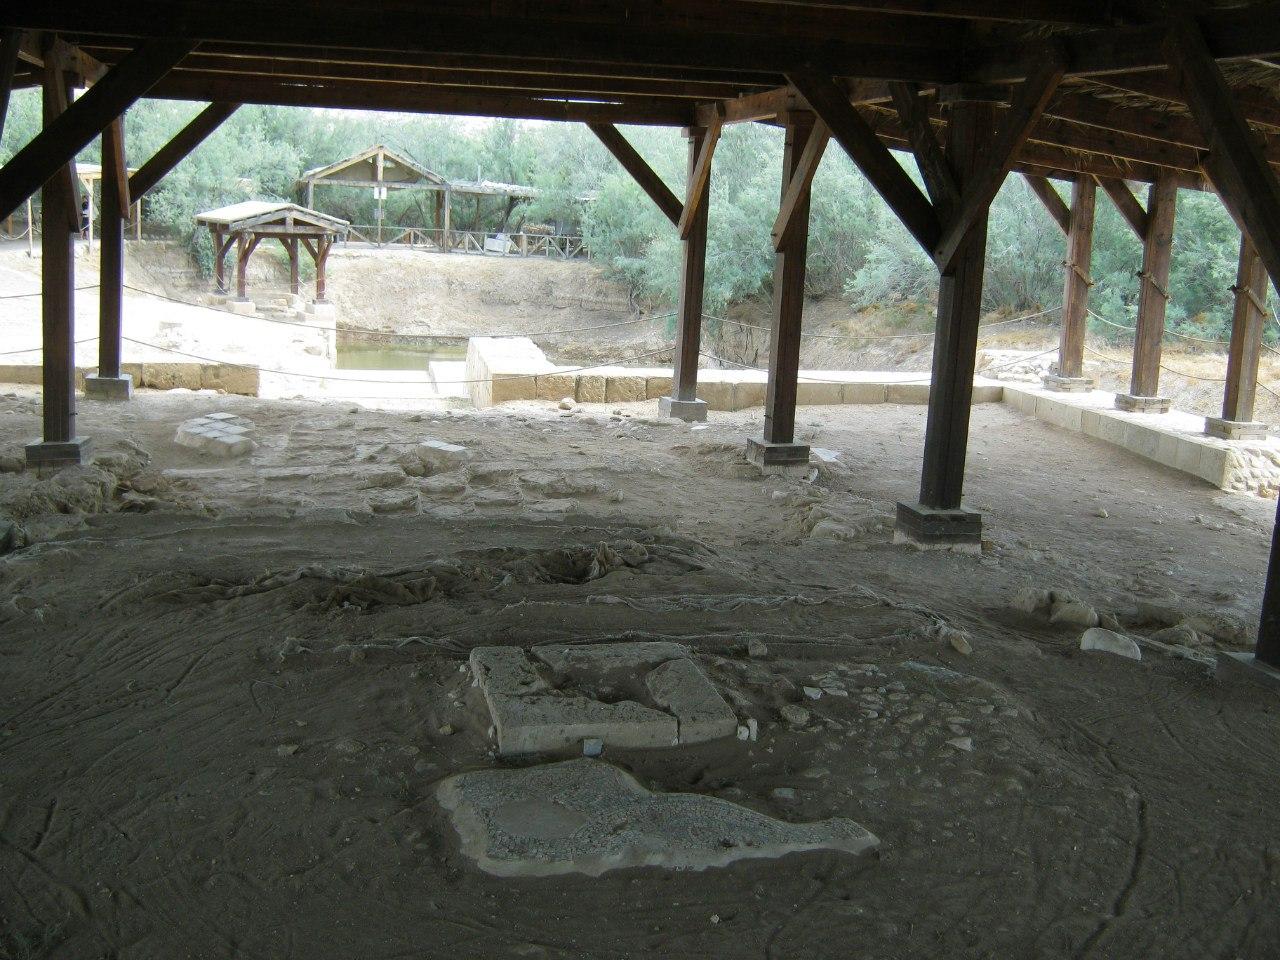 место крещения Иисуса Христа Иоанном Предтечей